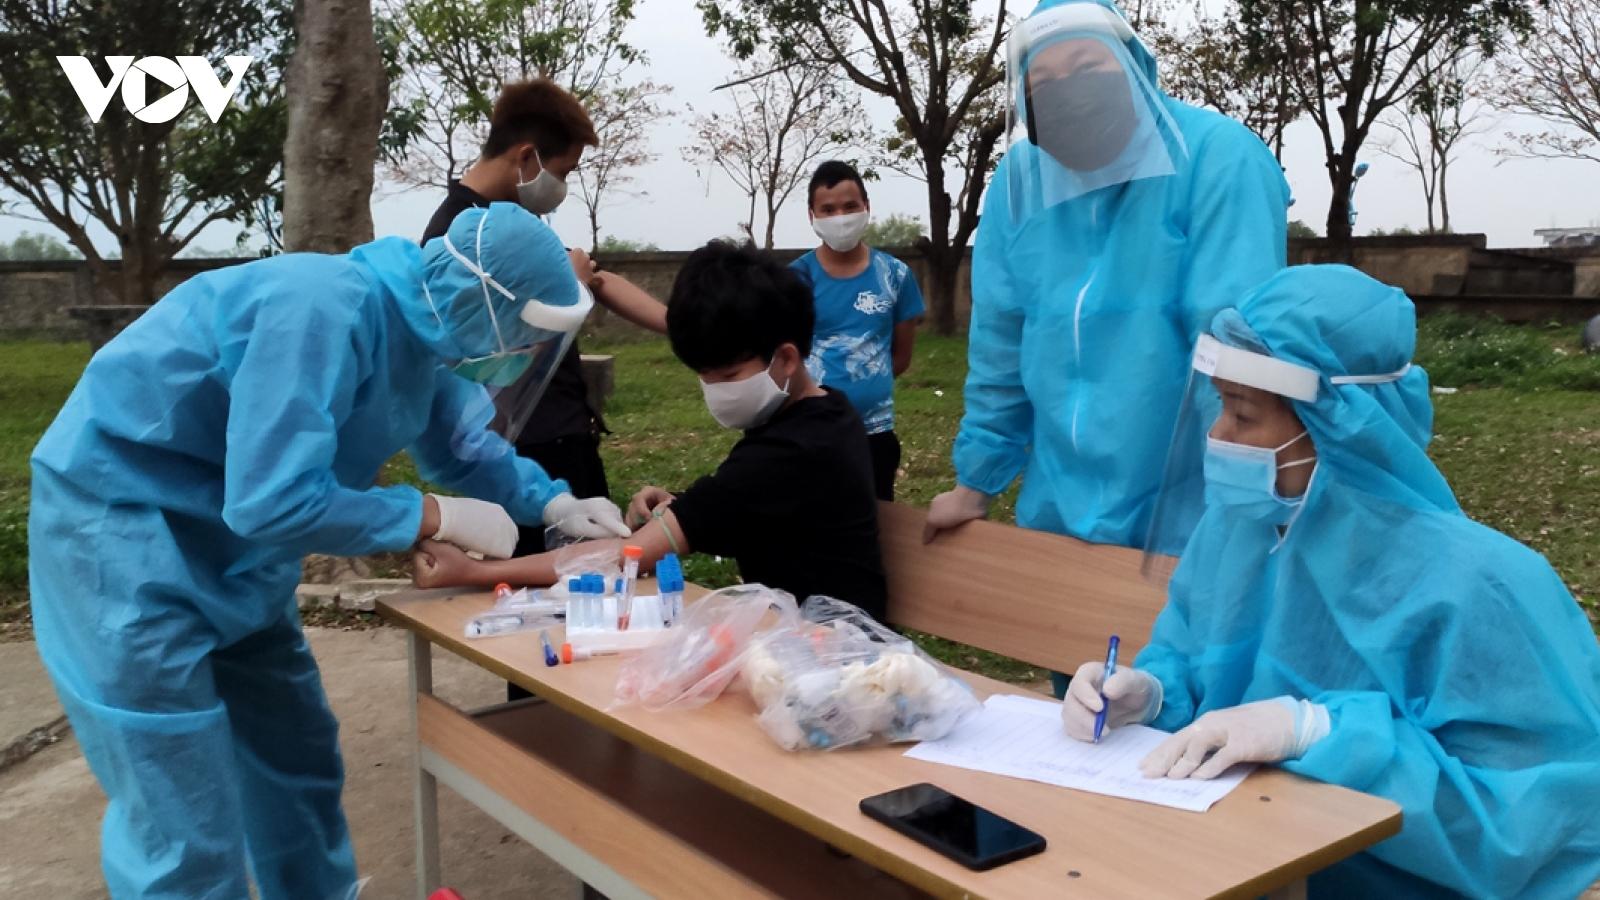 Bộ Y tế tìm người trên chuyến bay từ Hải Phòng đến TPHCM